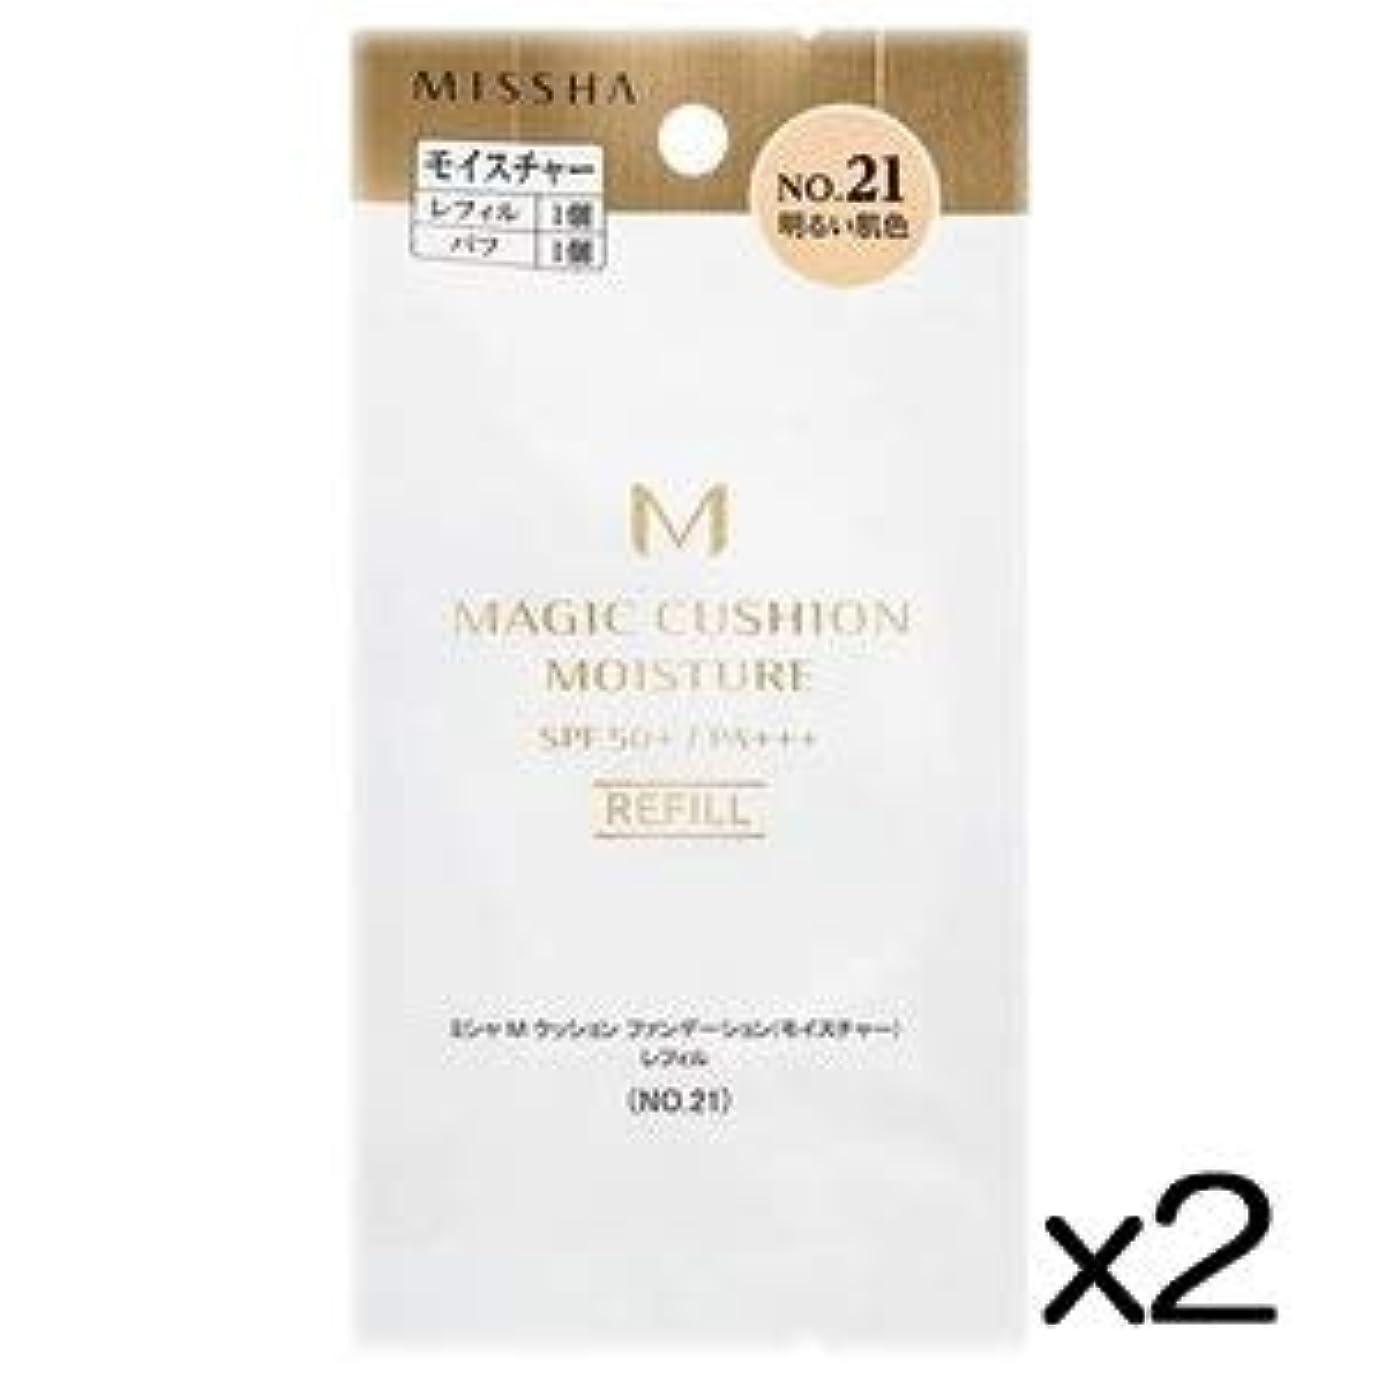 火山火山五十ミシャ M クッション ファンデーション (モイスチャー) No.21 明るい肌色 レフィル 15g×2個セット